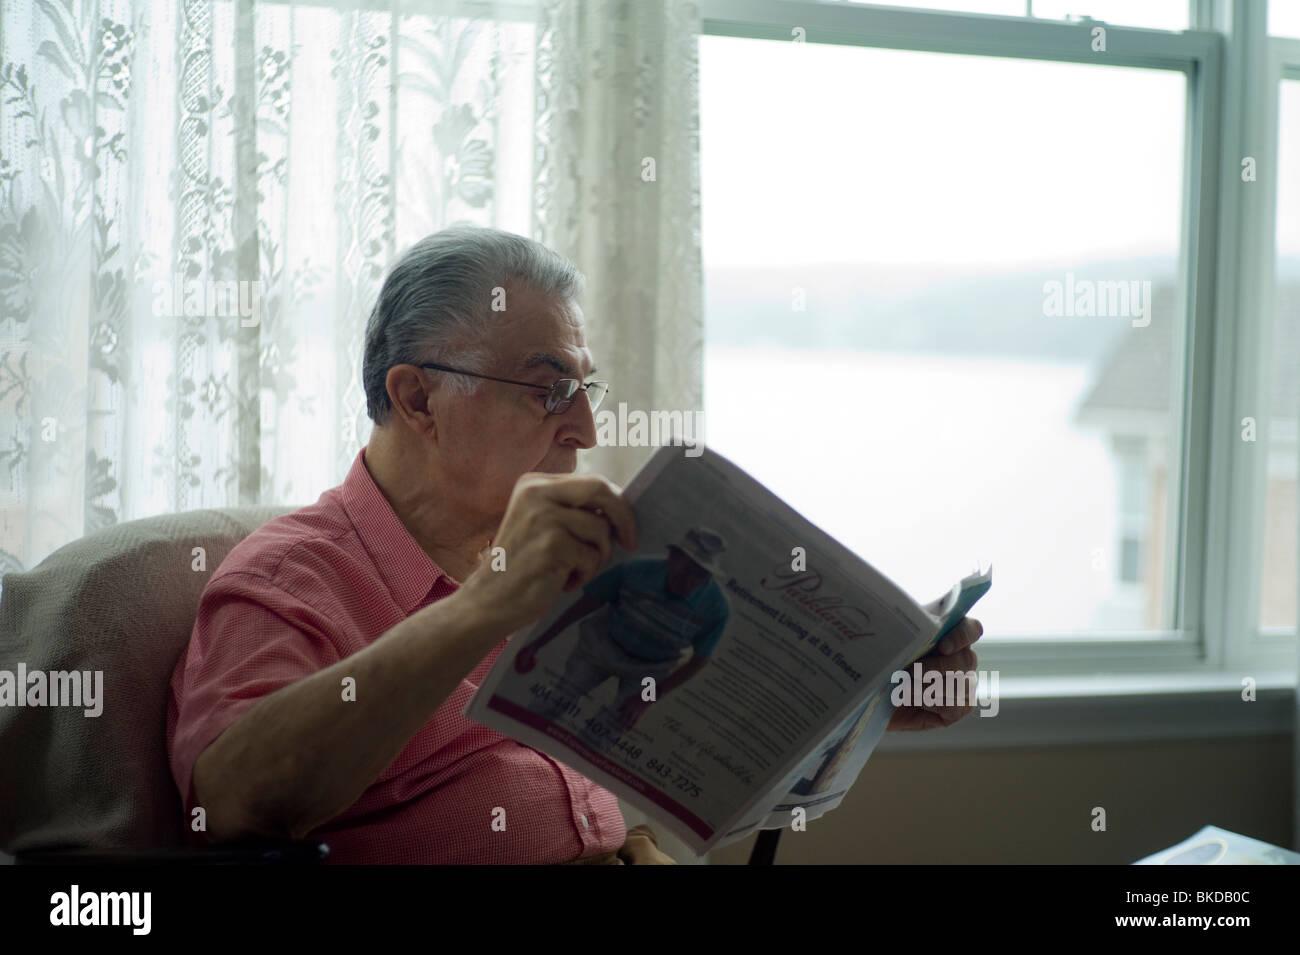 Alter Mann sitzt in Wohnzimmer Stuhl Fenster und Zeitung lesen. Stockbild